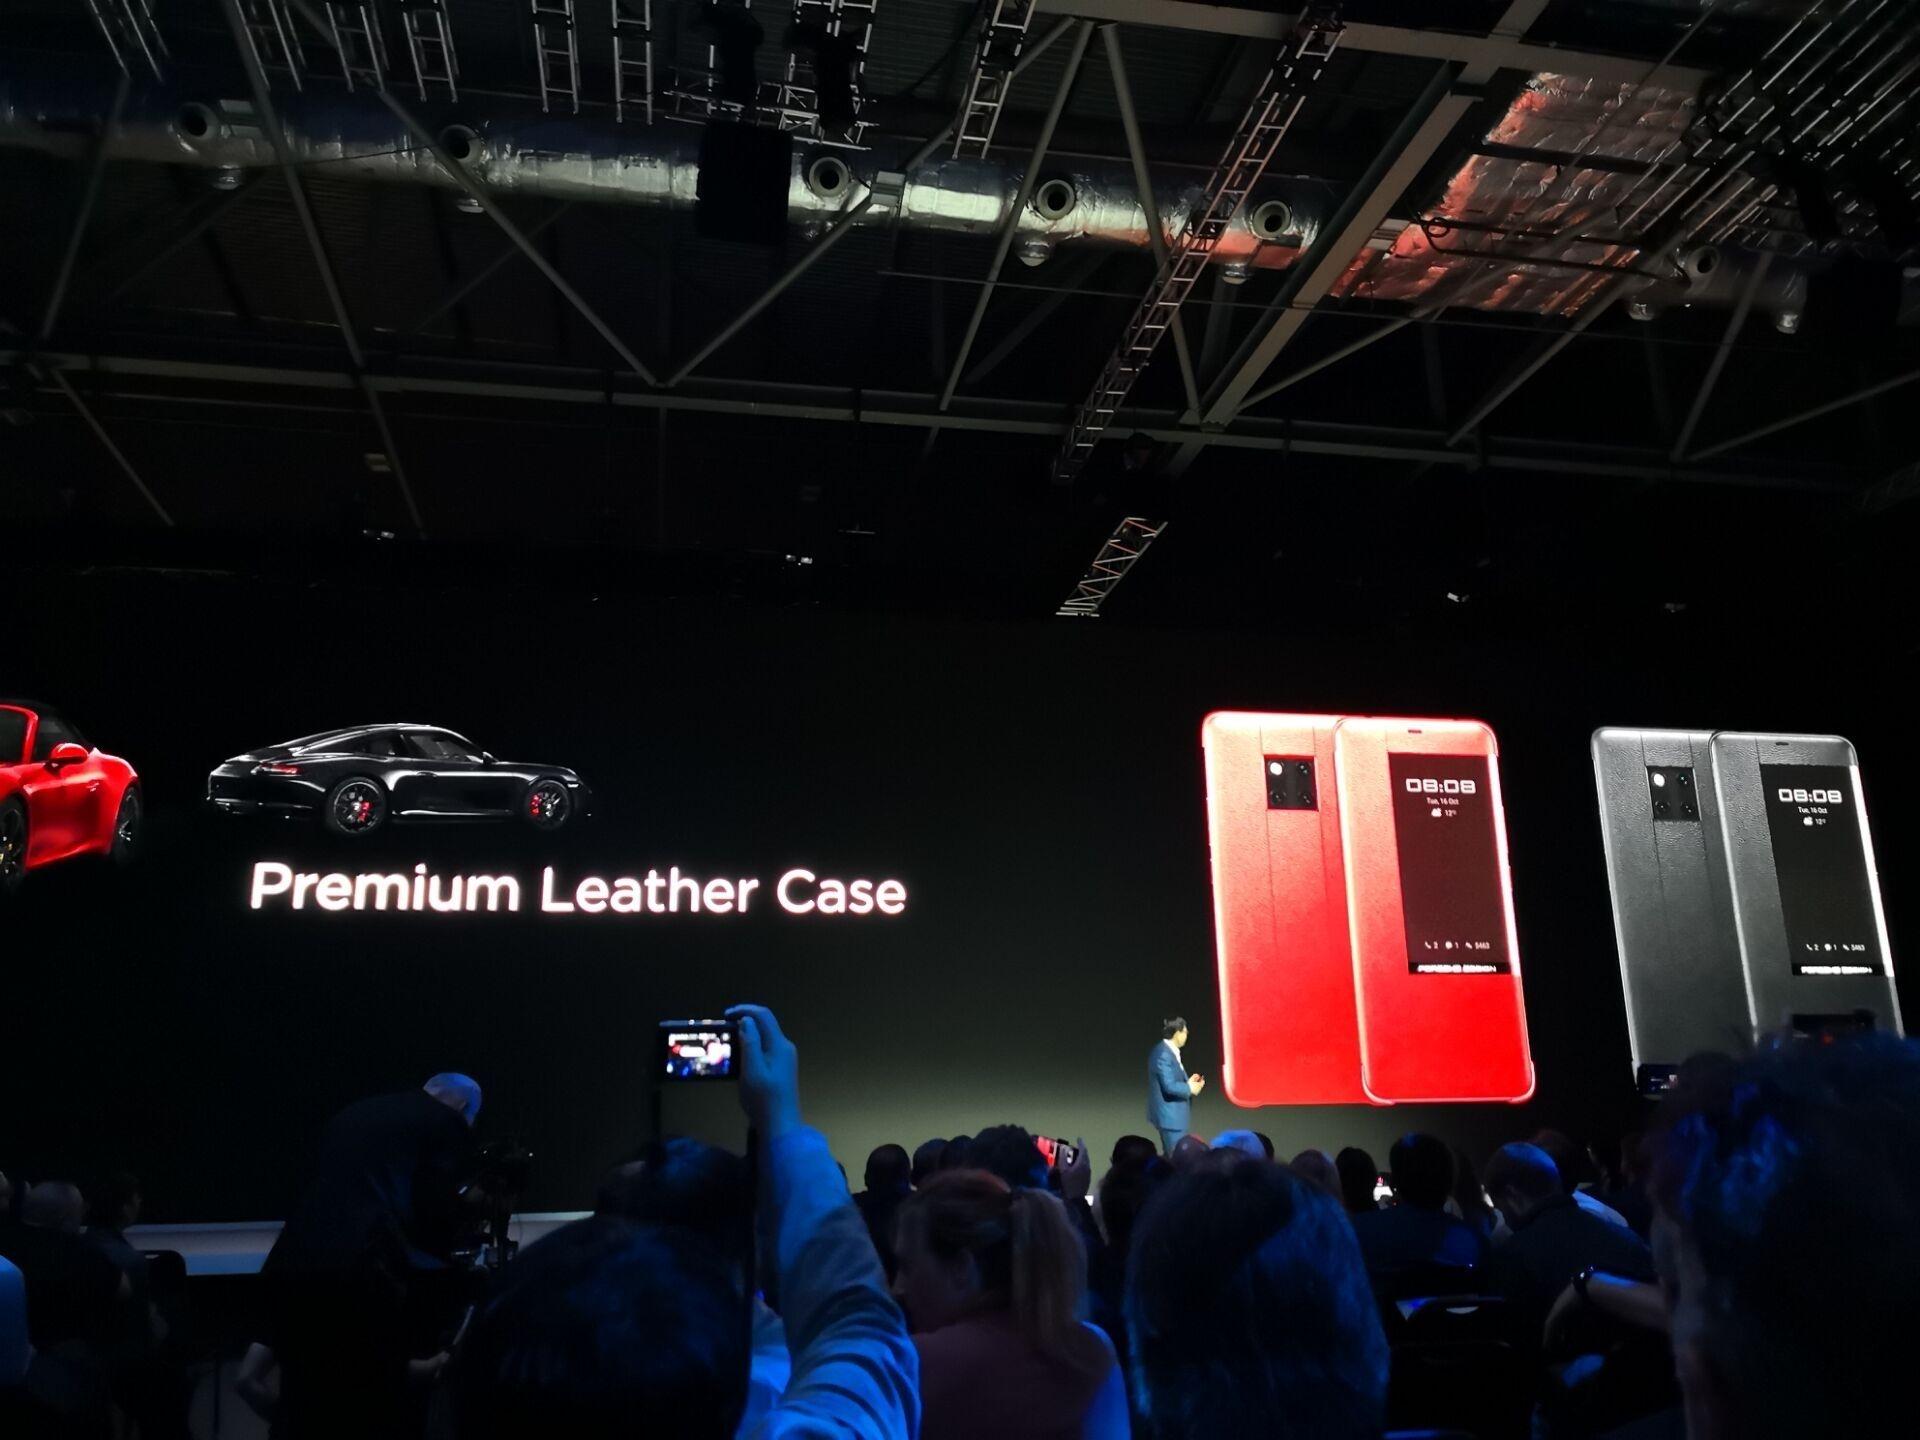 华为发布了世界上最好的手机但也是最贵的市场前景如何?